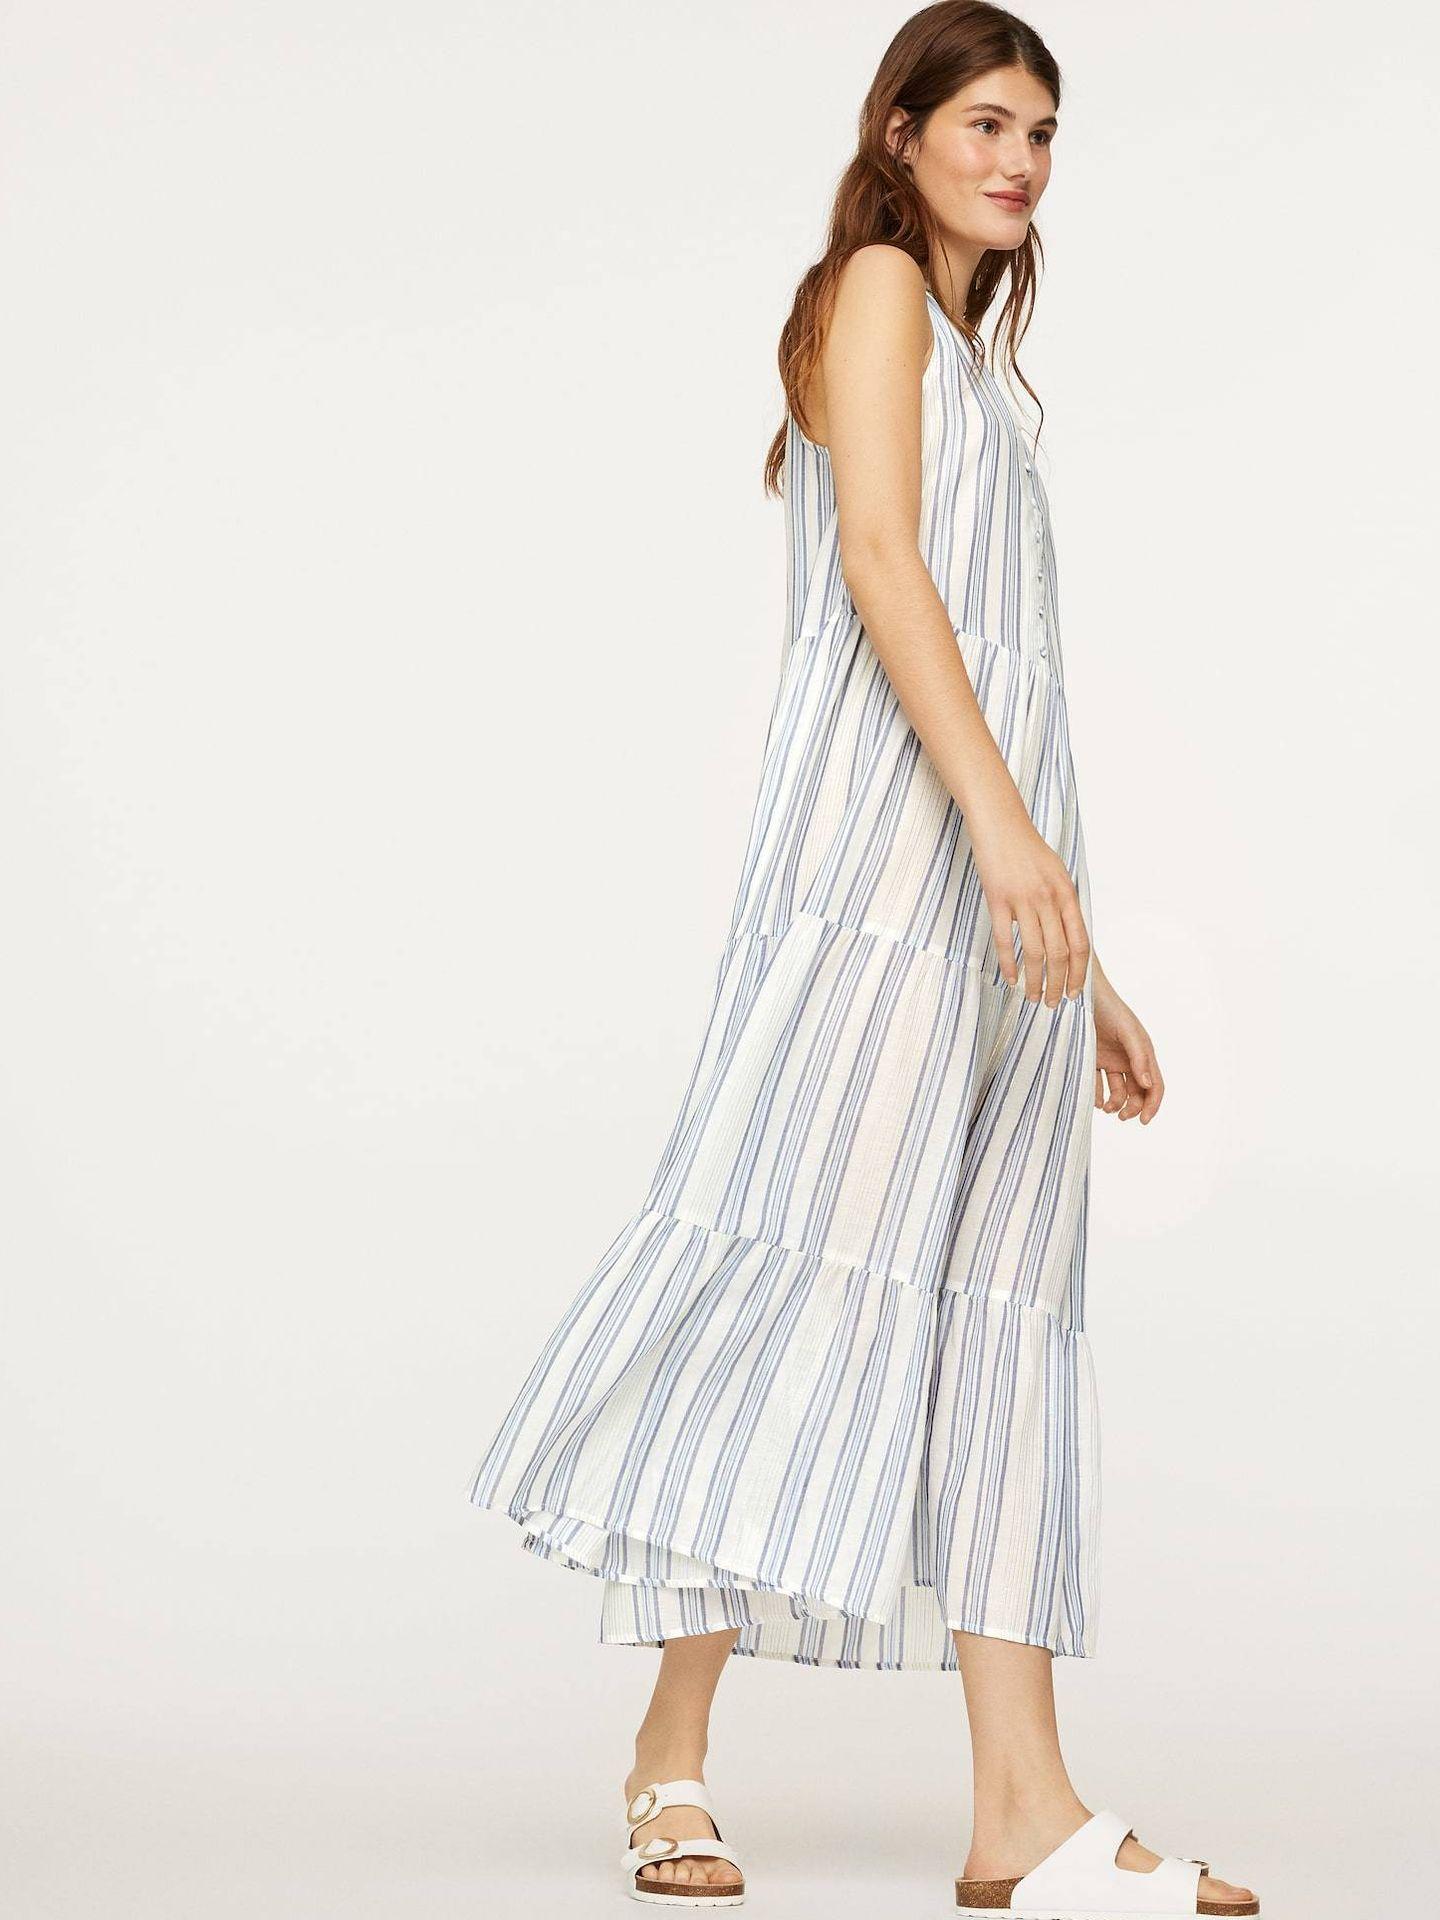 El nuevo vestido de Oysho. (Cortesía)